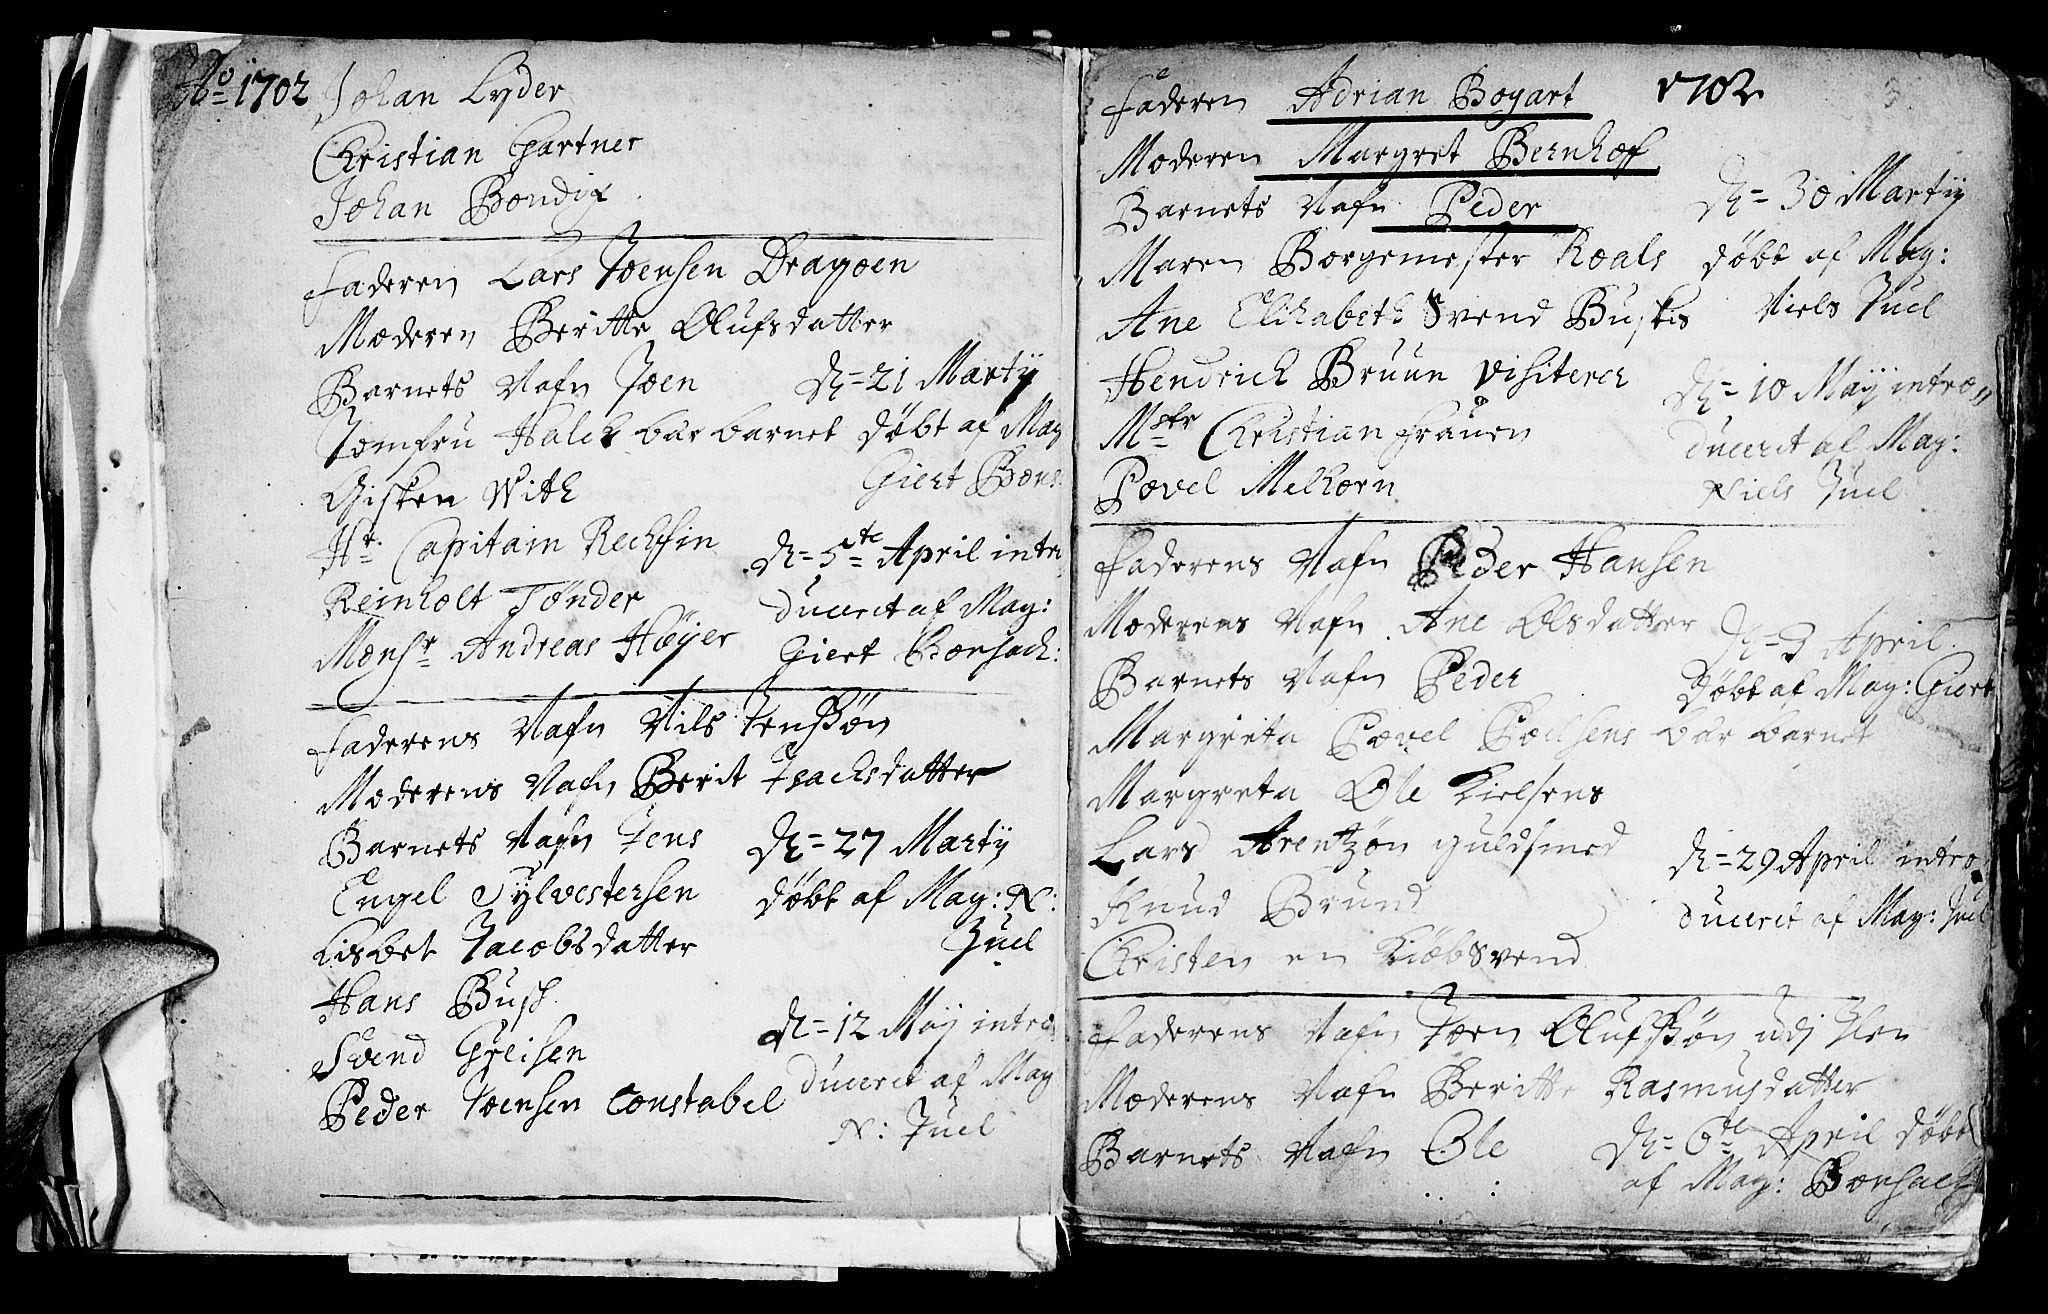 SAT, Ministerialprotokoller, klokkerbøker og fødselsregistre - Sør-Trøndelag, 601/L0034: Ministerialbok nr. 601A02, 1702-1714, s. 3